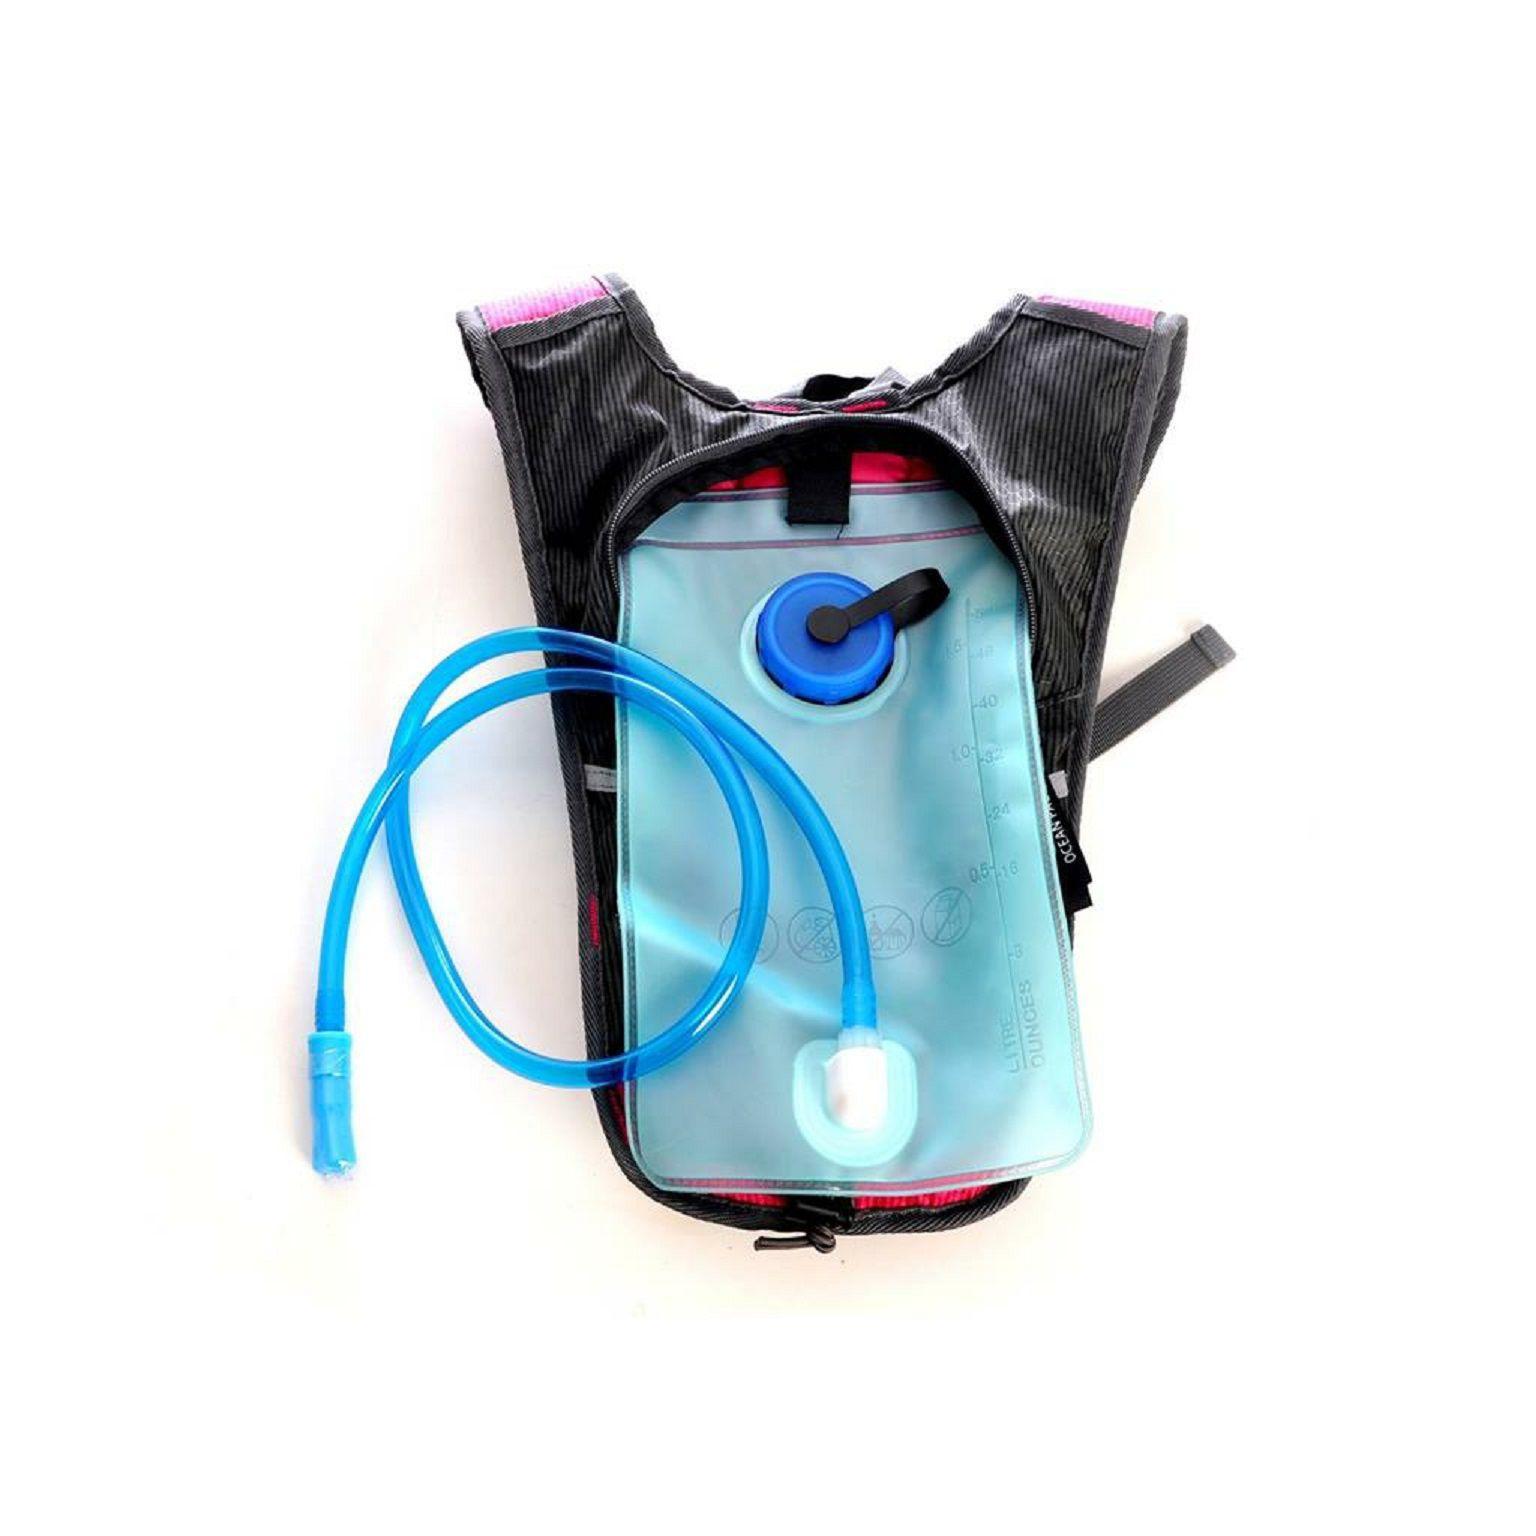 Mochila de Hidratação com Compartimento para Água Ocean Pacific - Rosa com Cinza